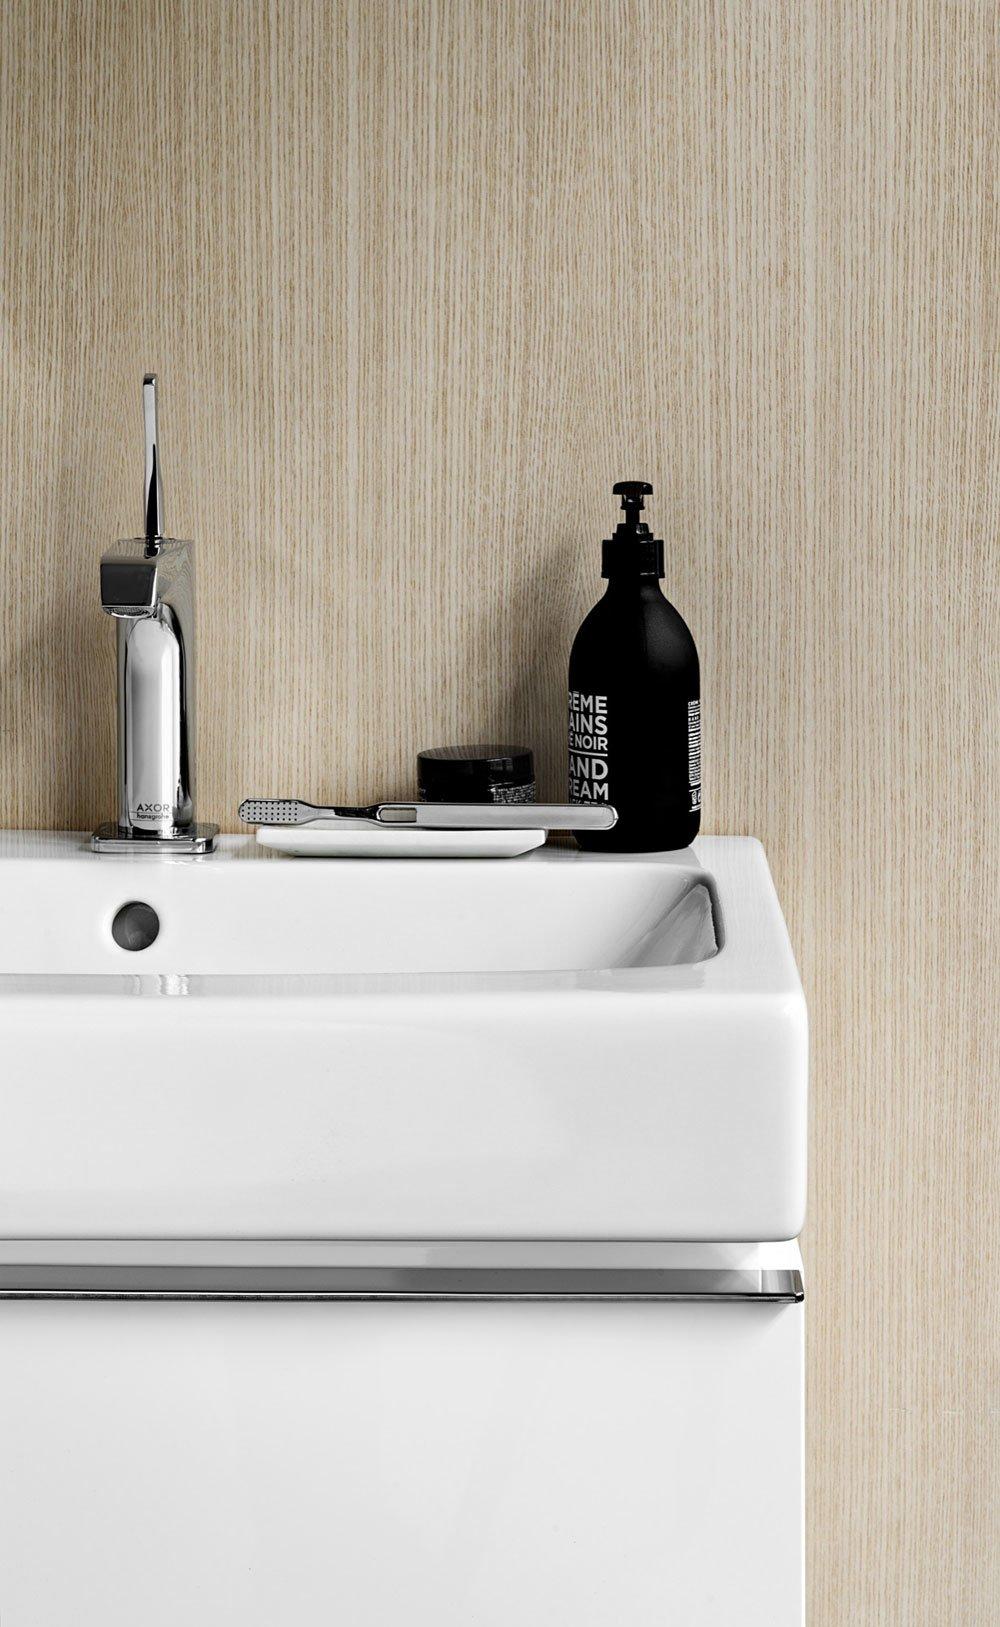 Mobili Con Lavabo: Composizione Metrica da Pozzi Ginori